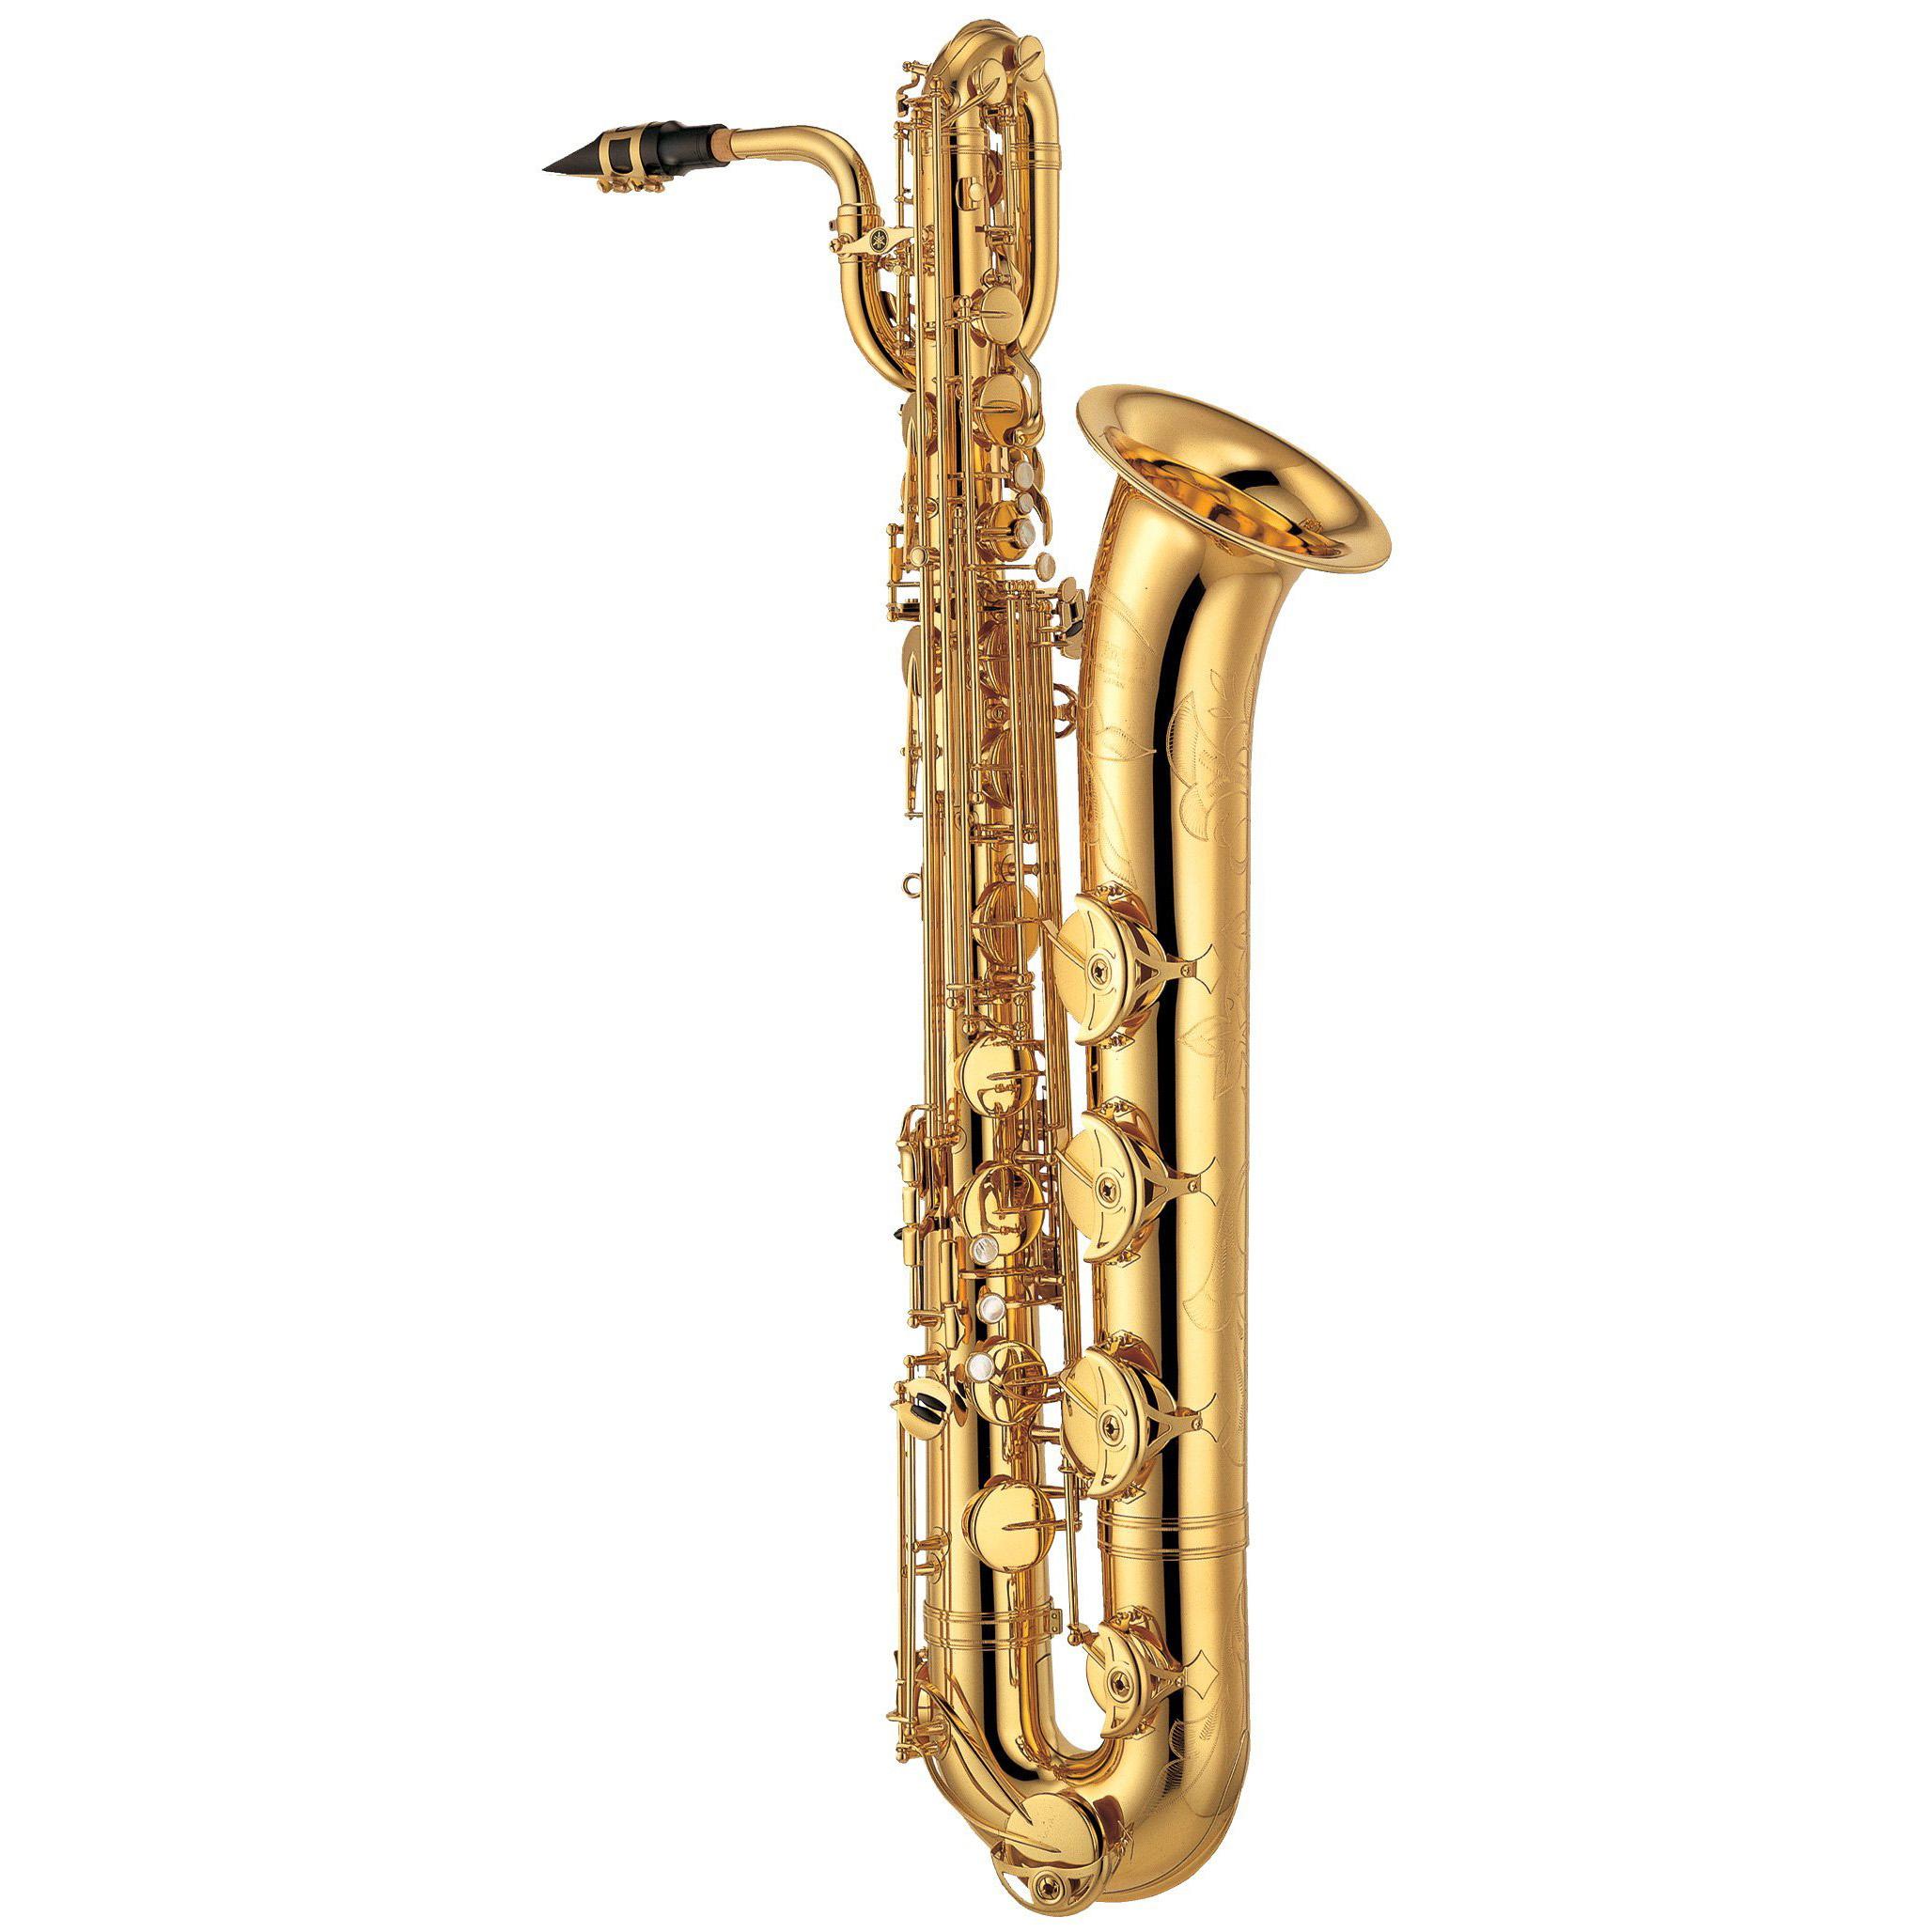 Sax baryton